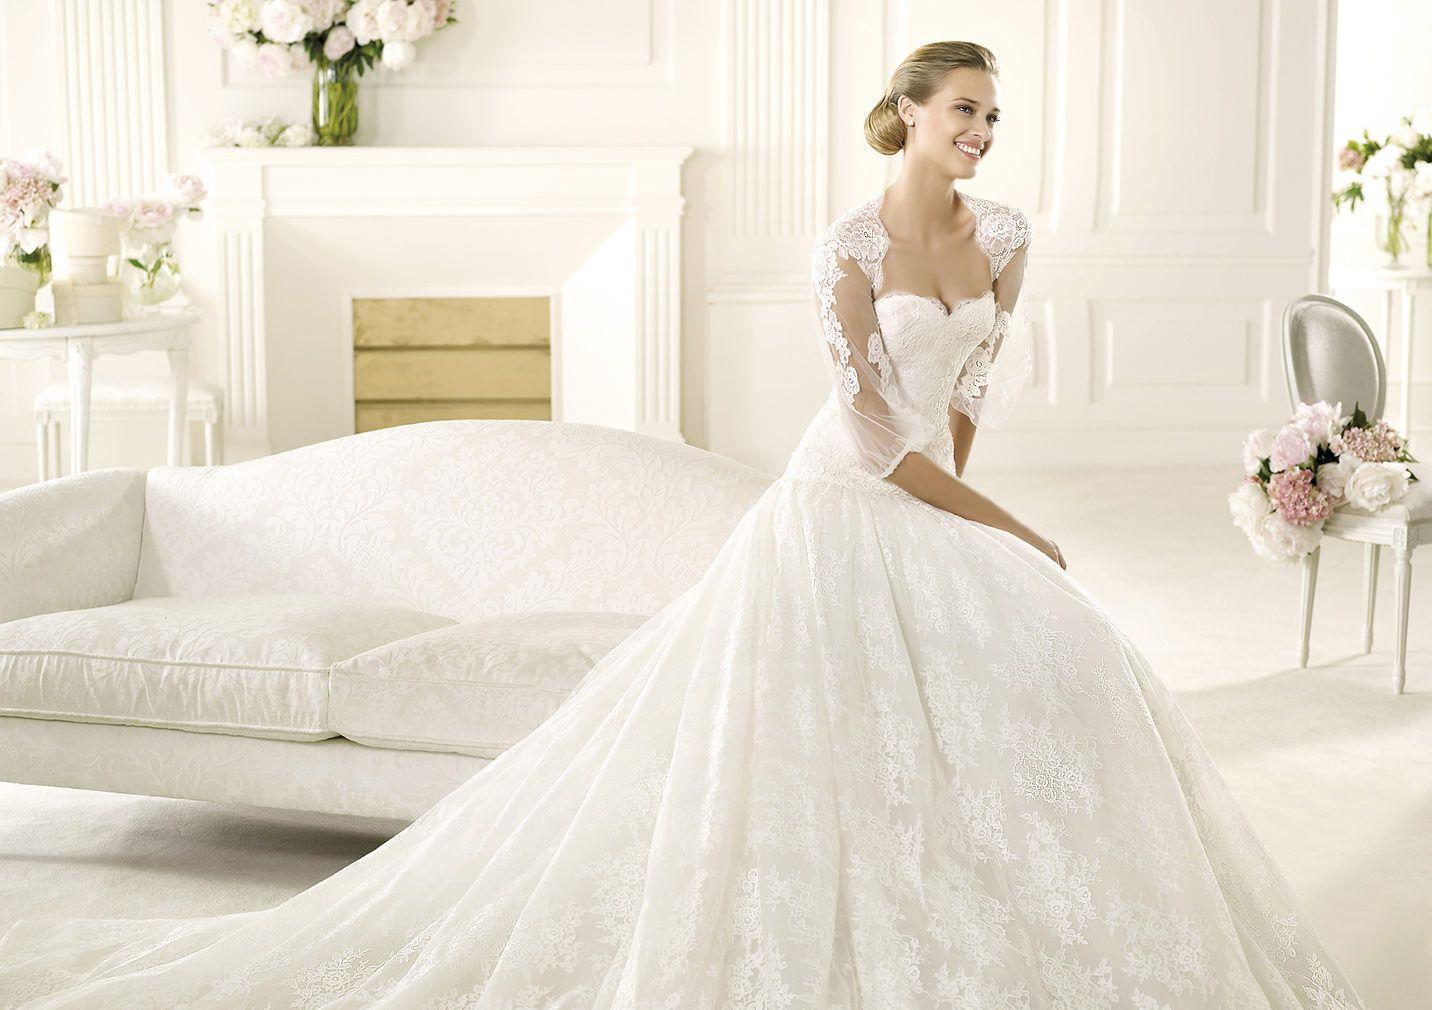 Pronovias 2013 Spring Summer Bridal Collection